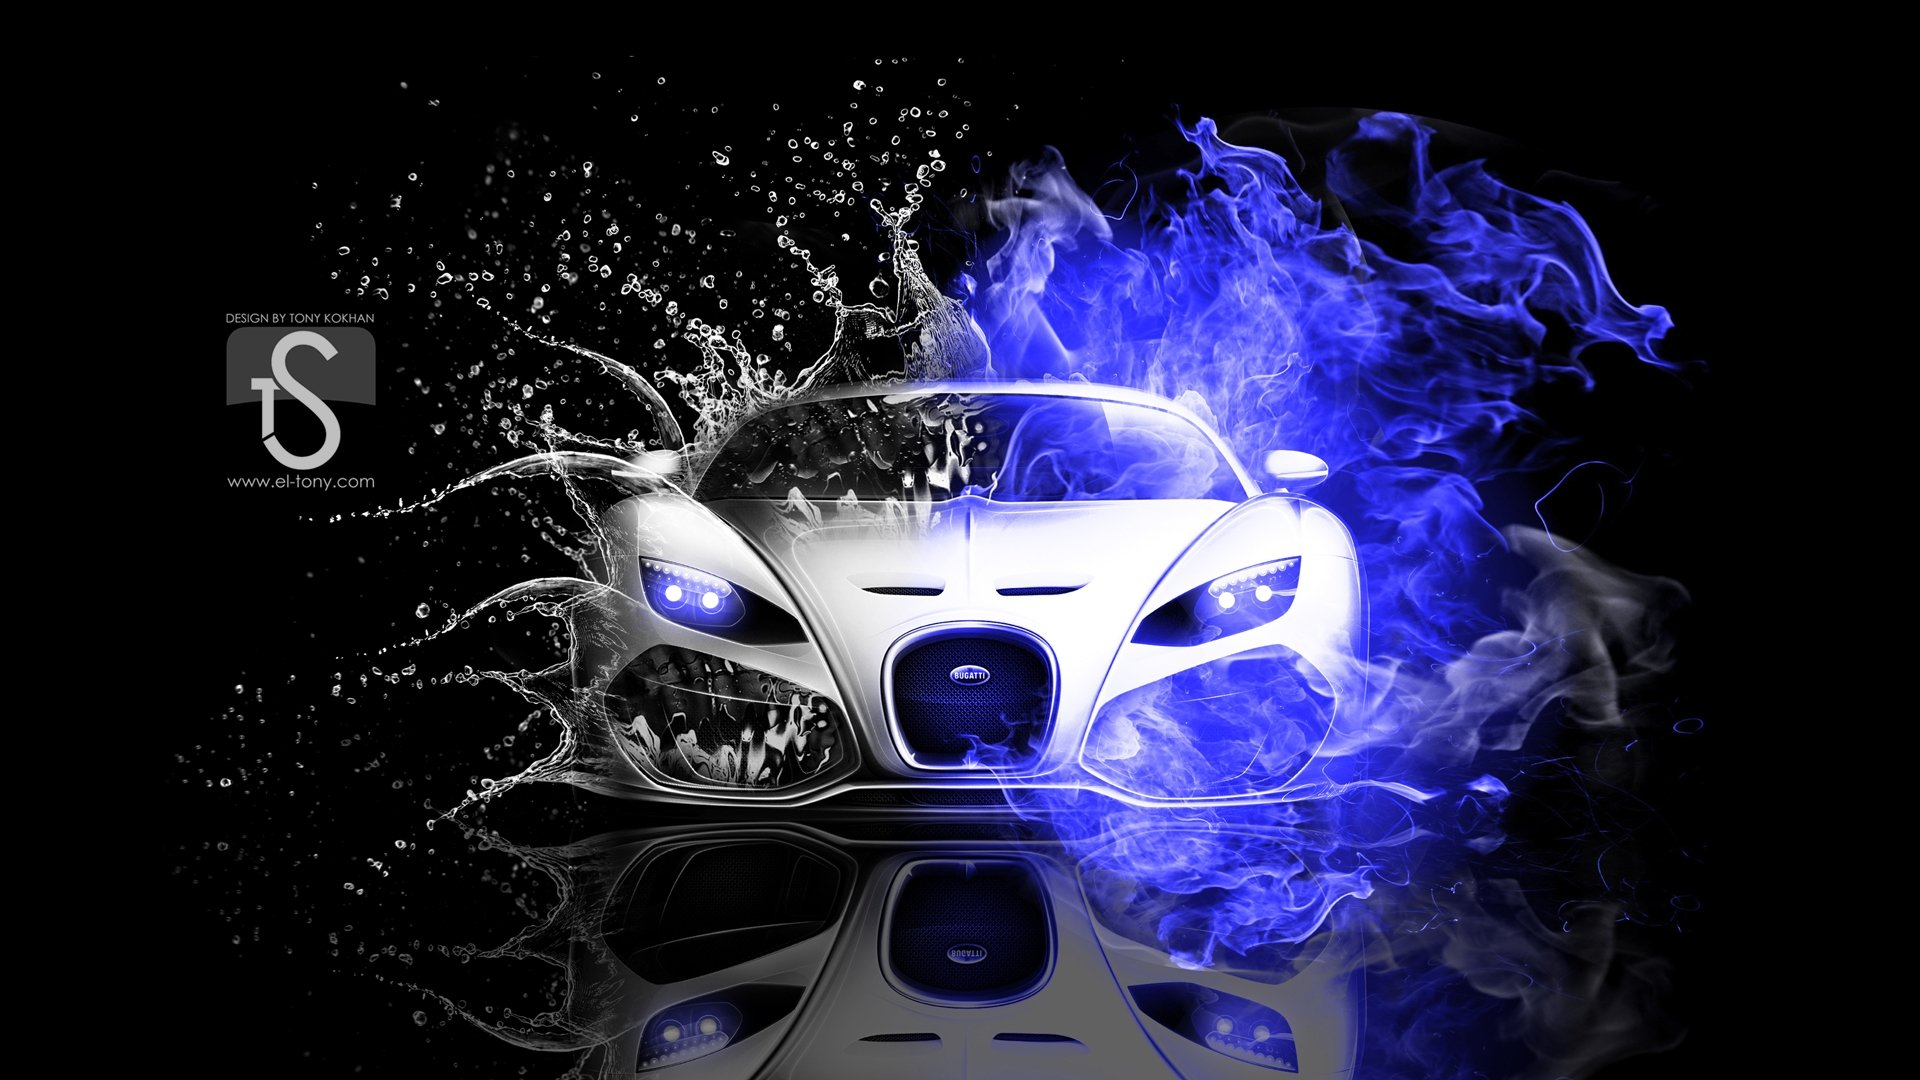 Car Wallpaper Hd 1080P 263318